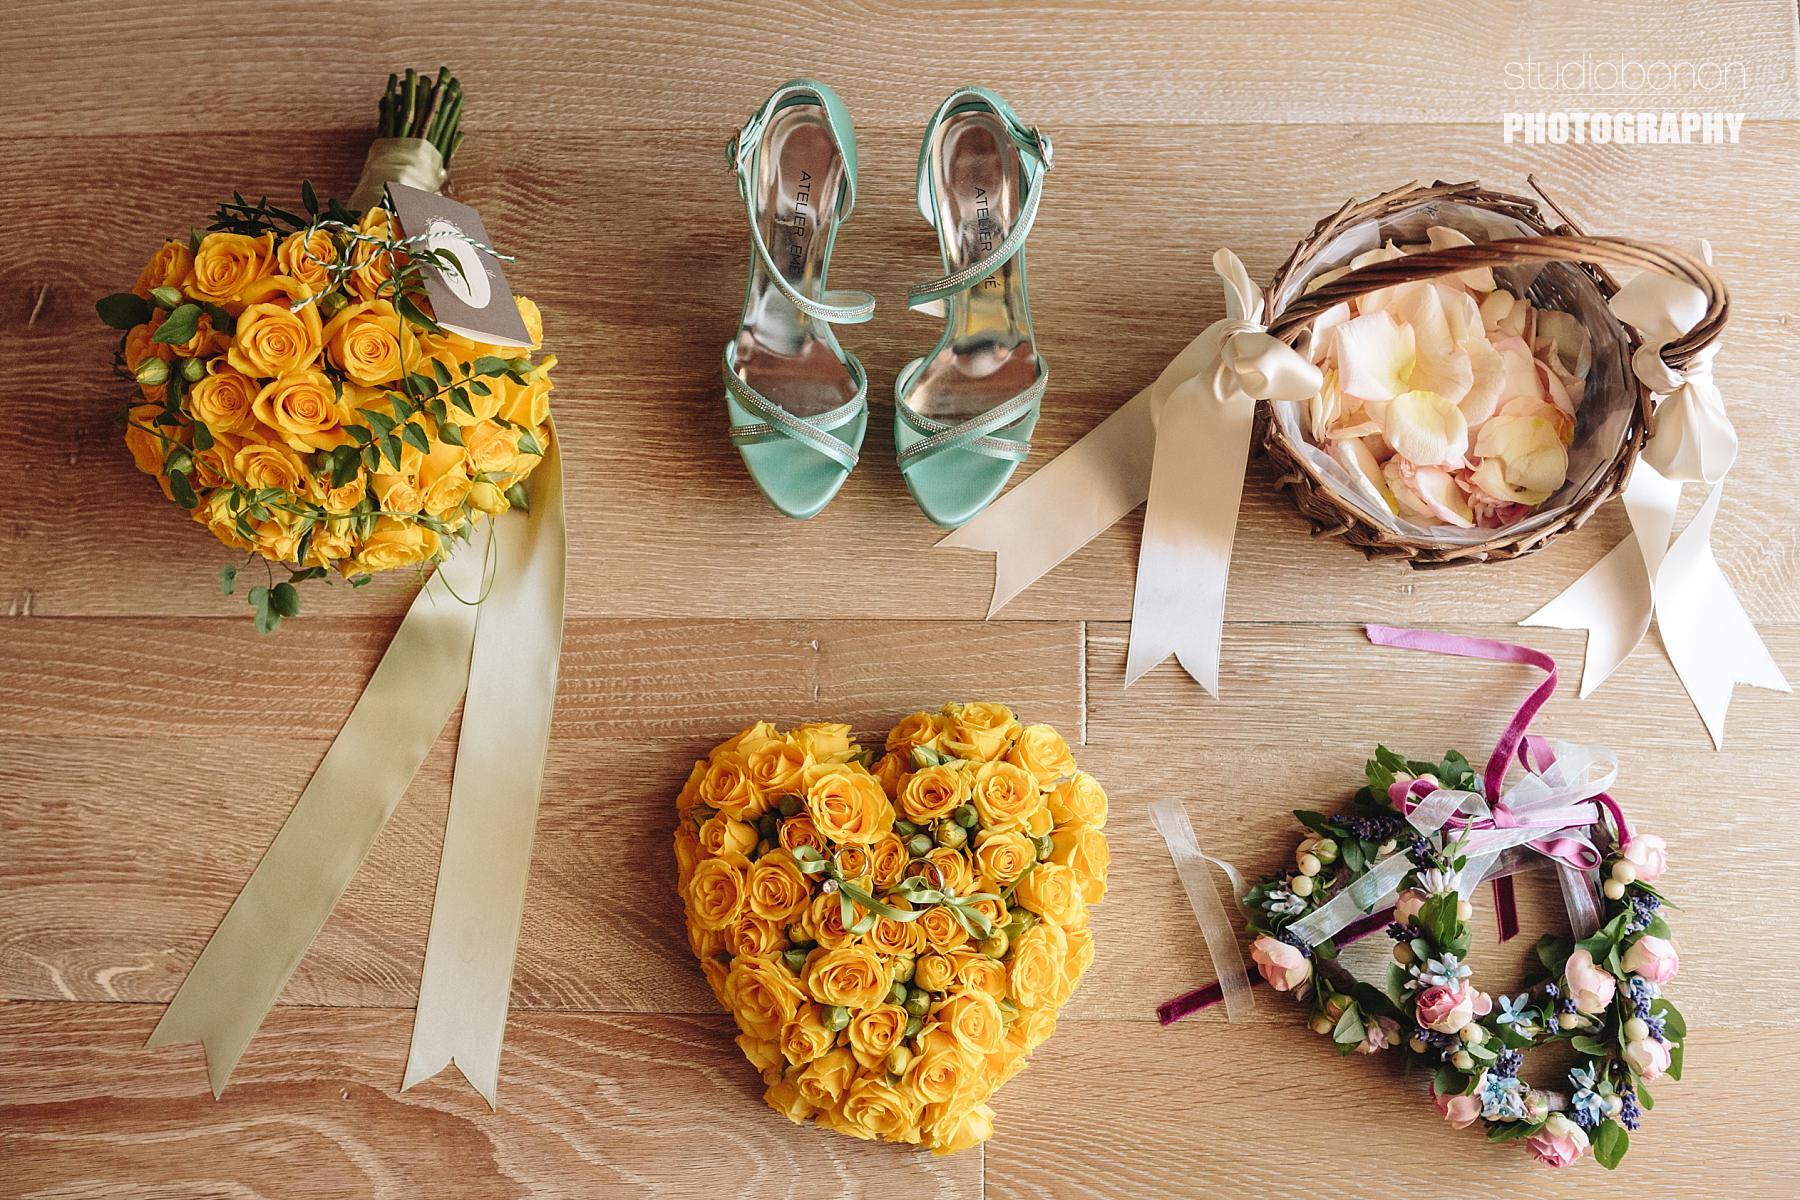 Dettagli di un Matrimonio con Fiori Jardin Divers e Scarpe da Sposa Atelier Emé